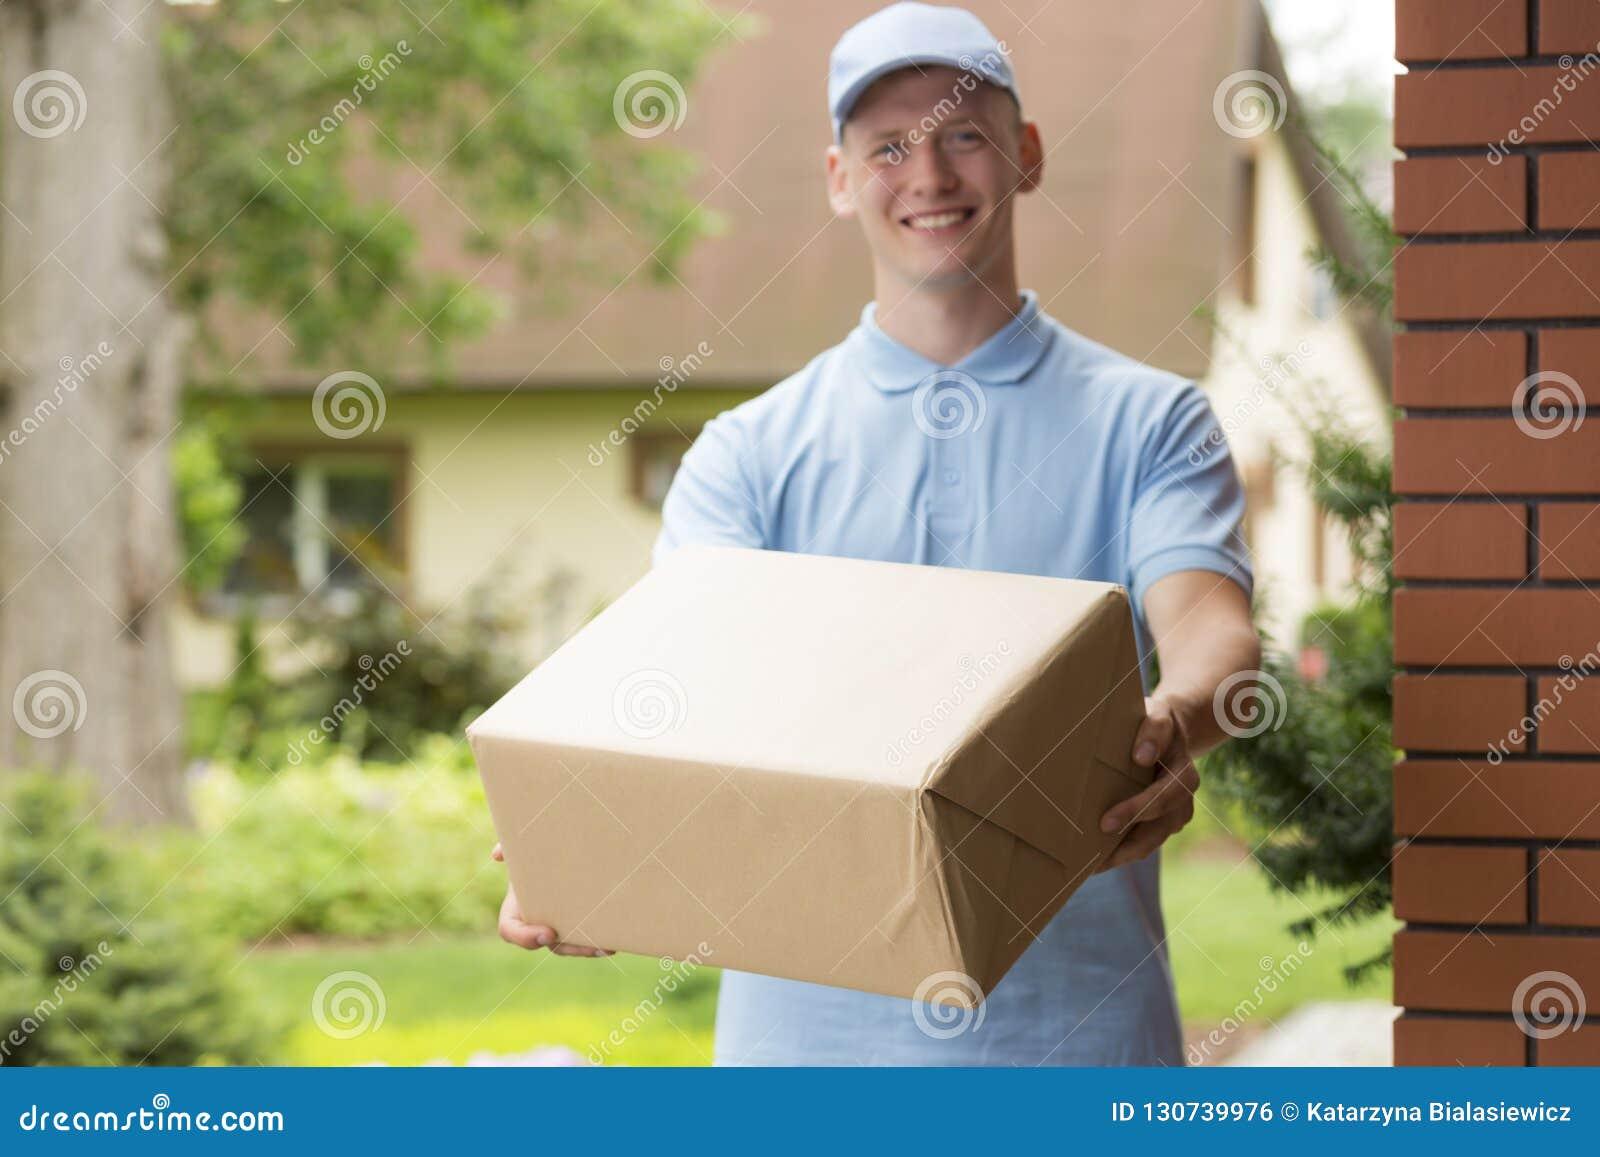 Junger Kurier in der blauen Uniform, die ein Paket hält